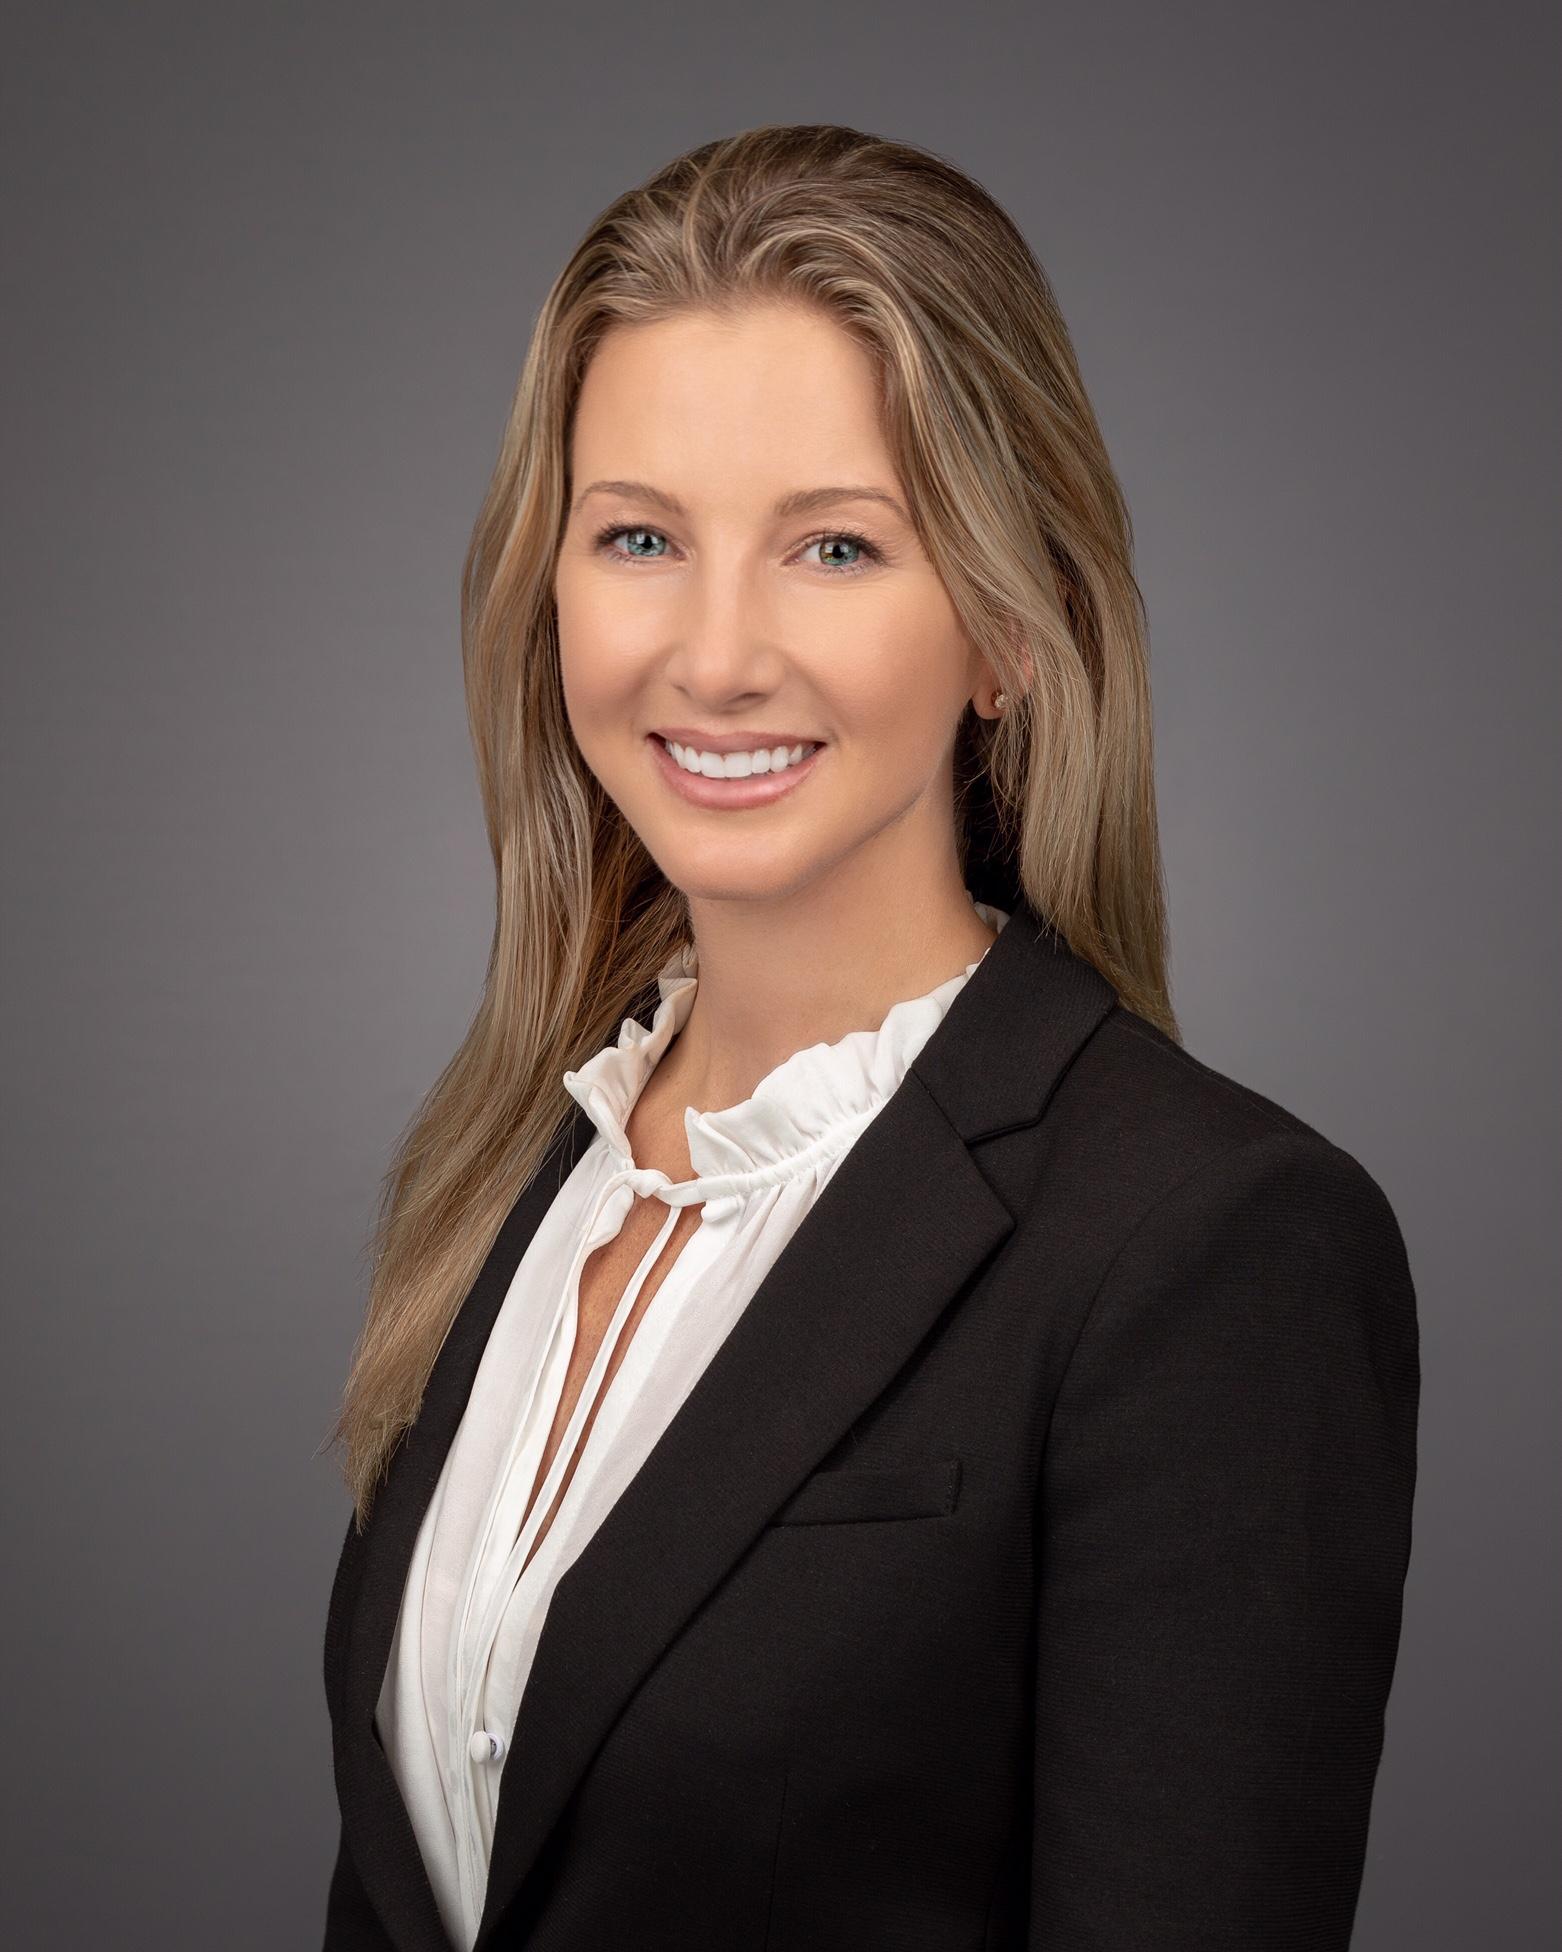 Brooke Atkinson